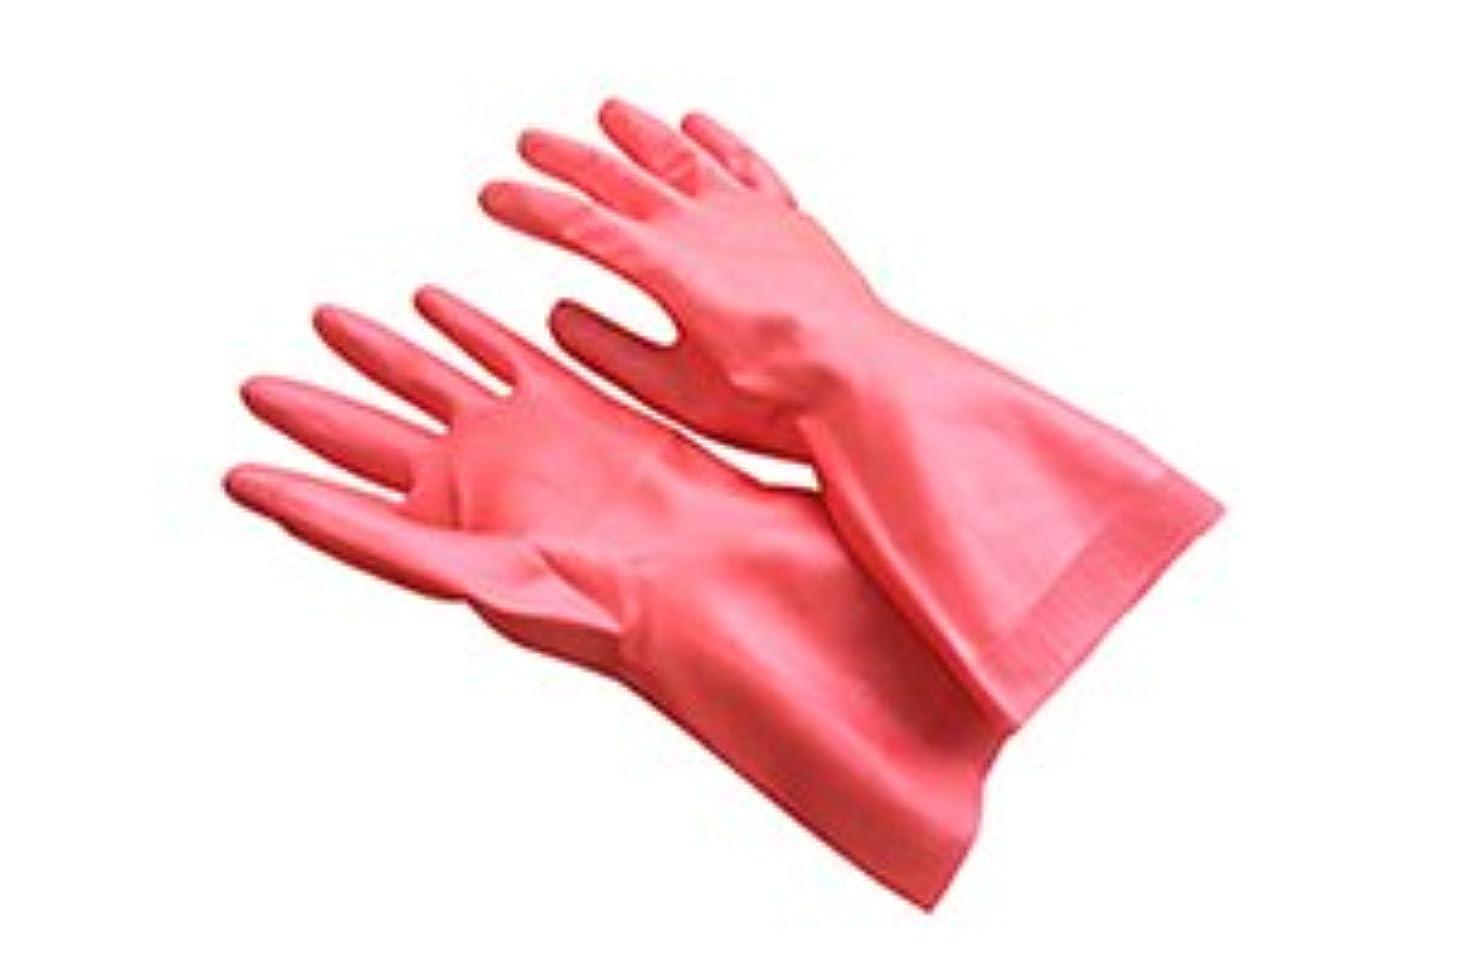 の配列エイリアン怖がらせるダスキン天然ゴム手袋Mサイズ ピンク